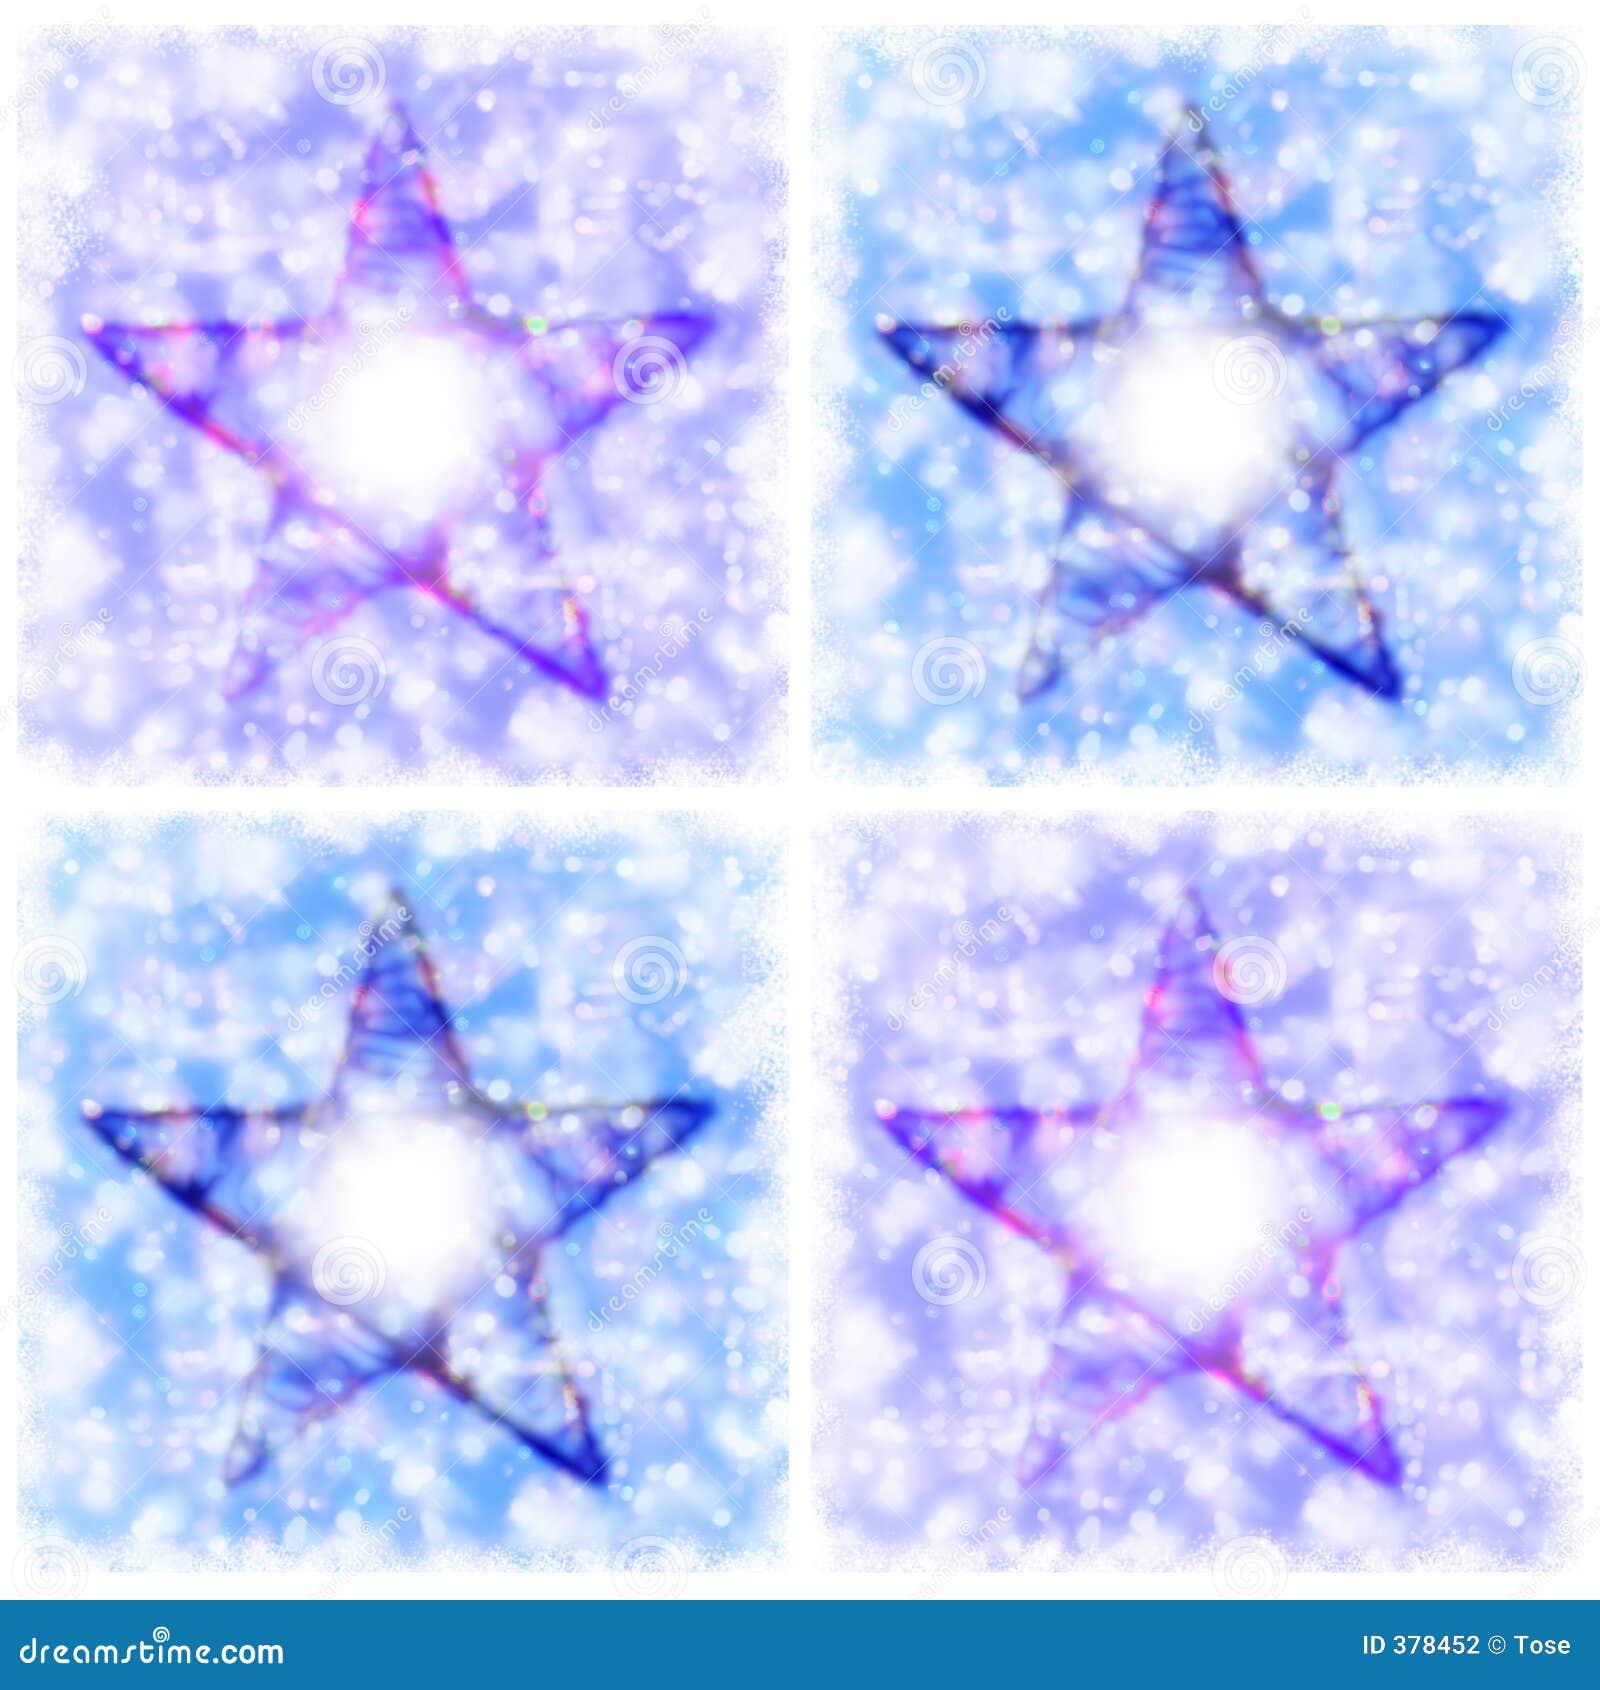 σύνθεση τέσσερα αστέρια